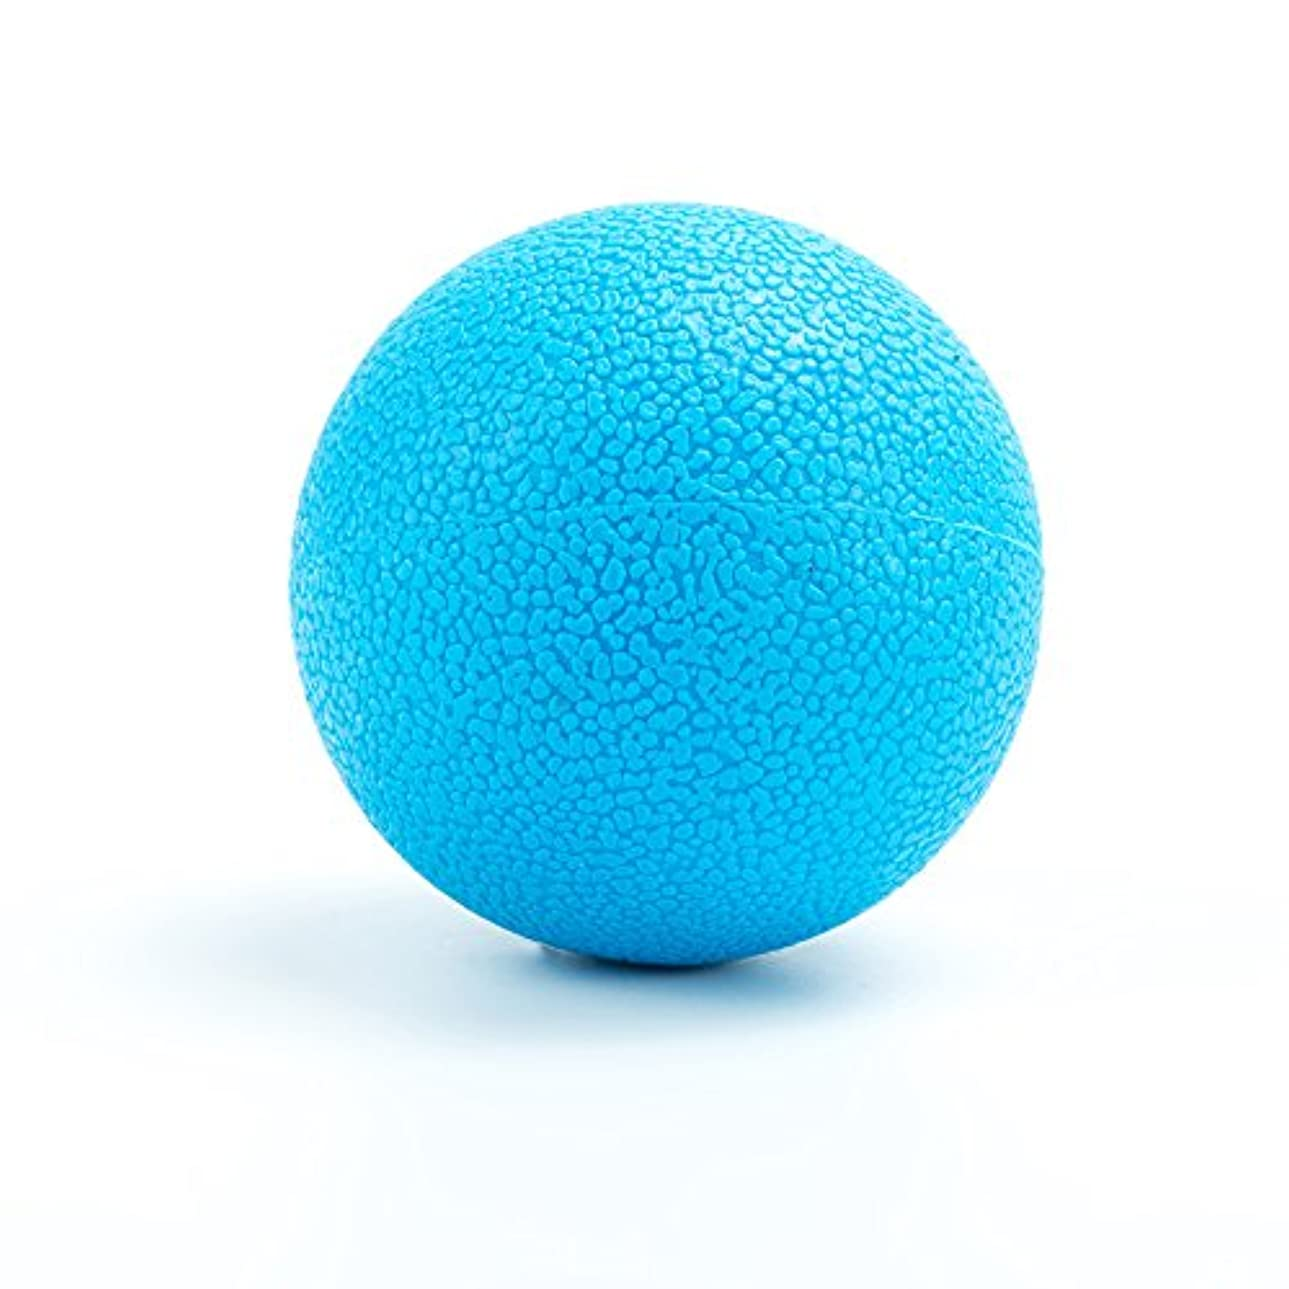 くま添付めったにMassage Ball マッサージボール 筋膜リリース Yoga Lacrosse Ball 背中 肩こり 腰 ふくらはぎ 足裏 ツボ押しグッズ